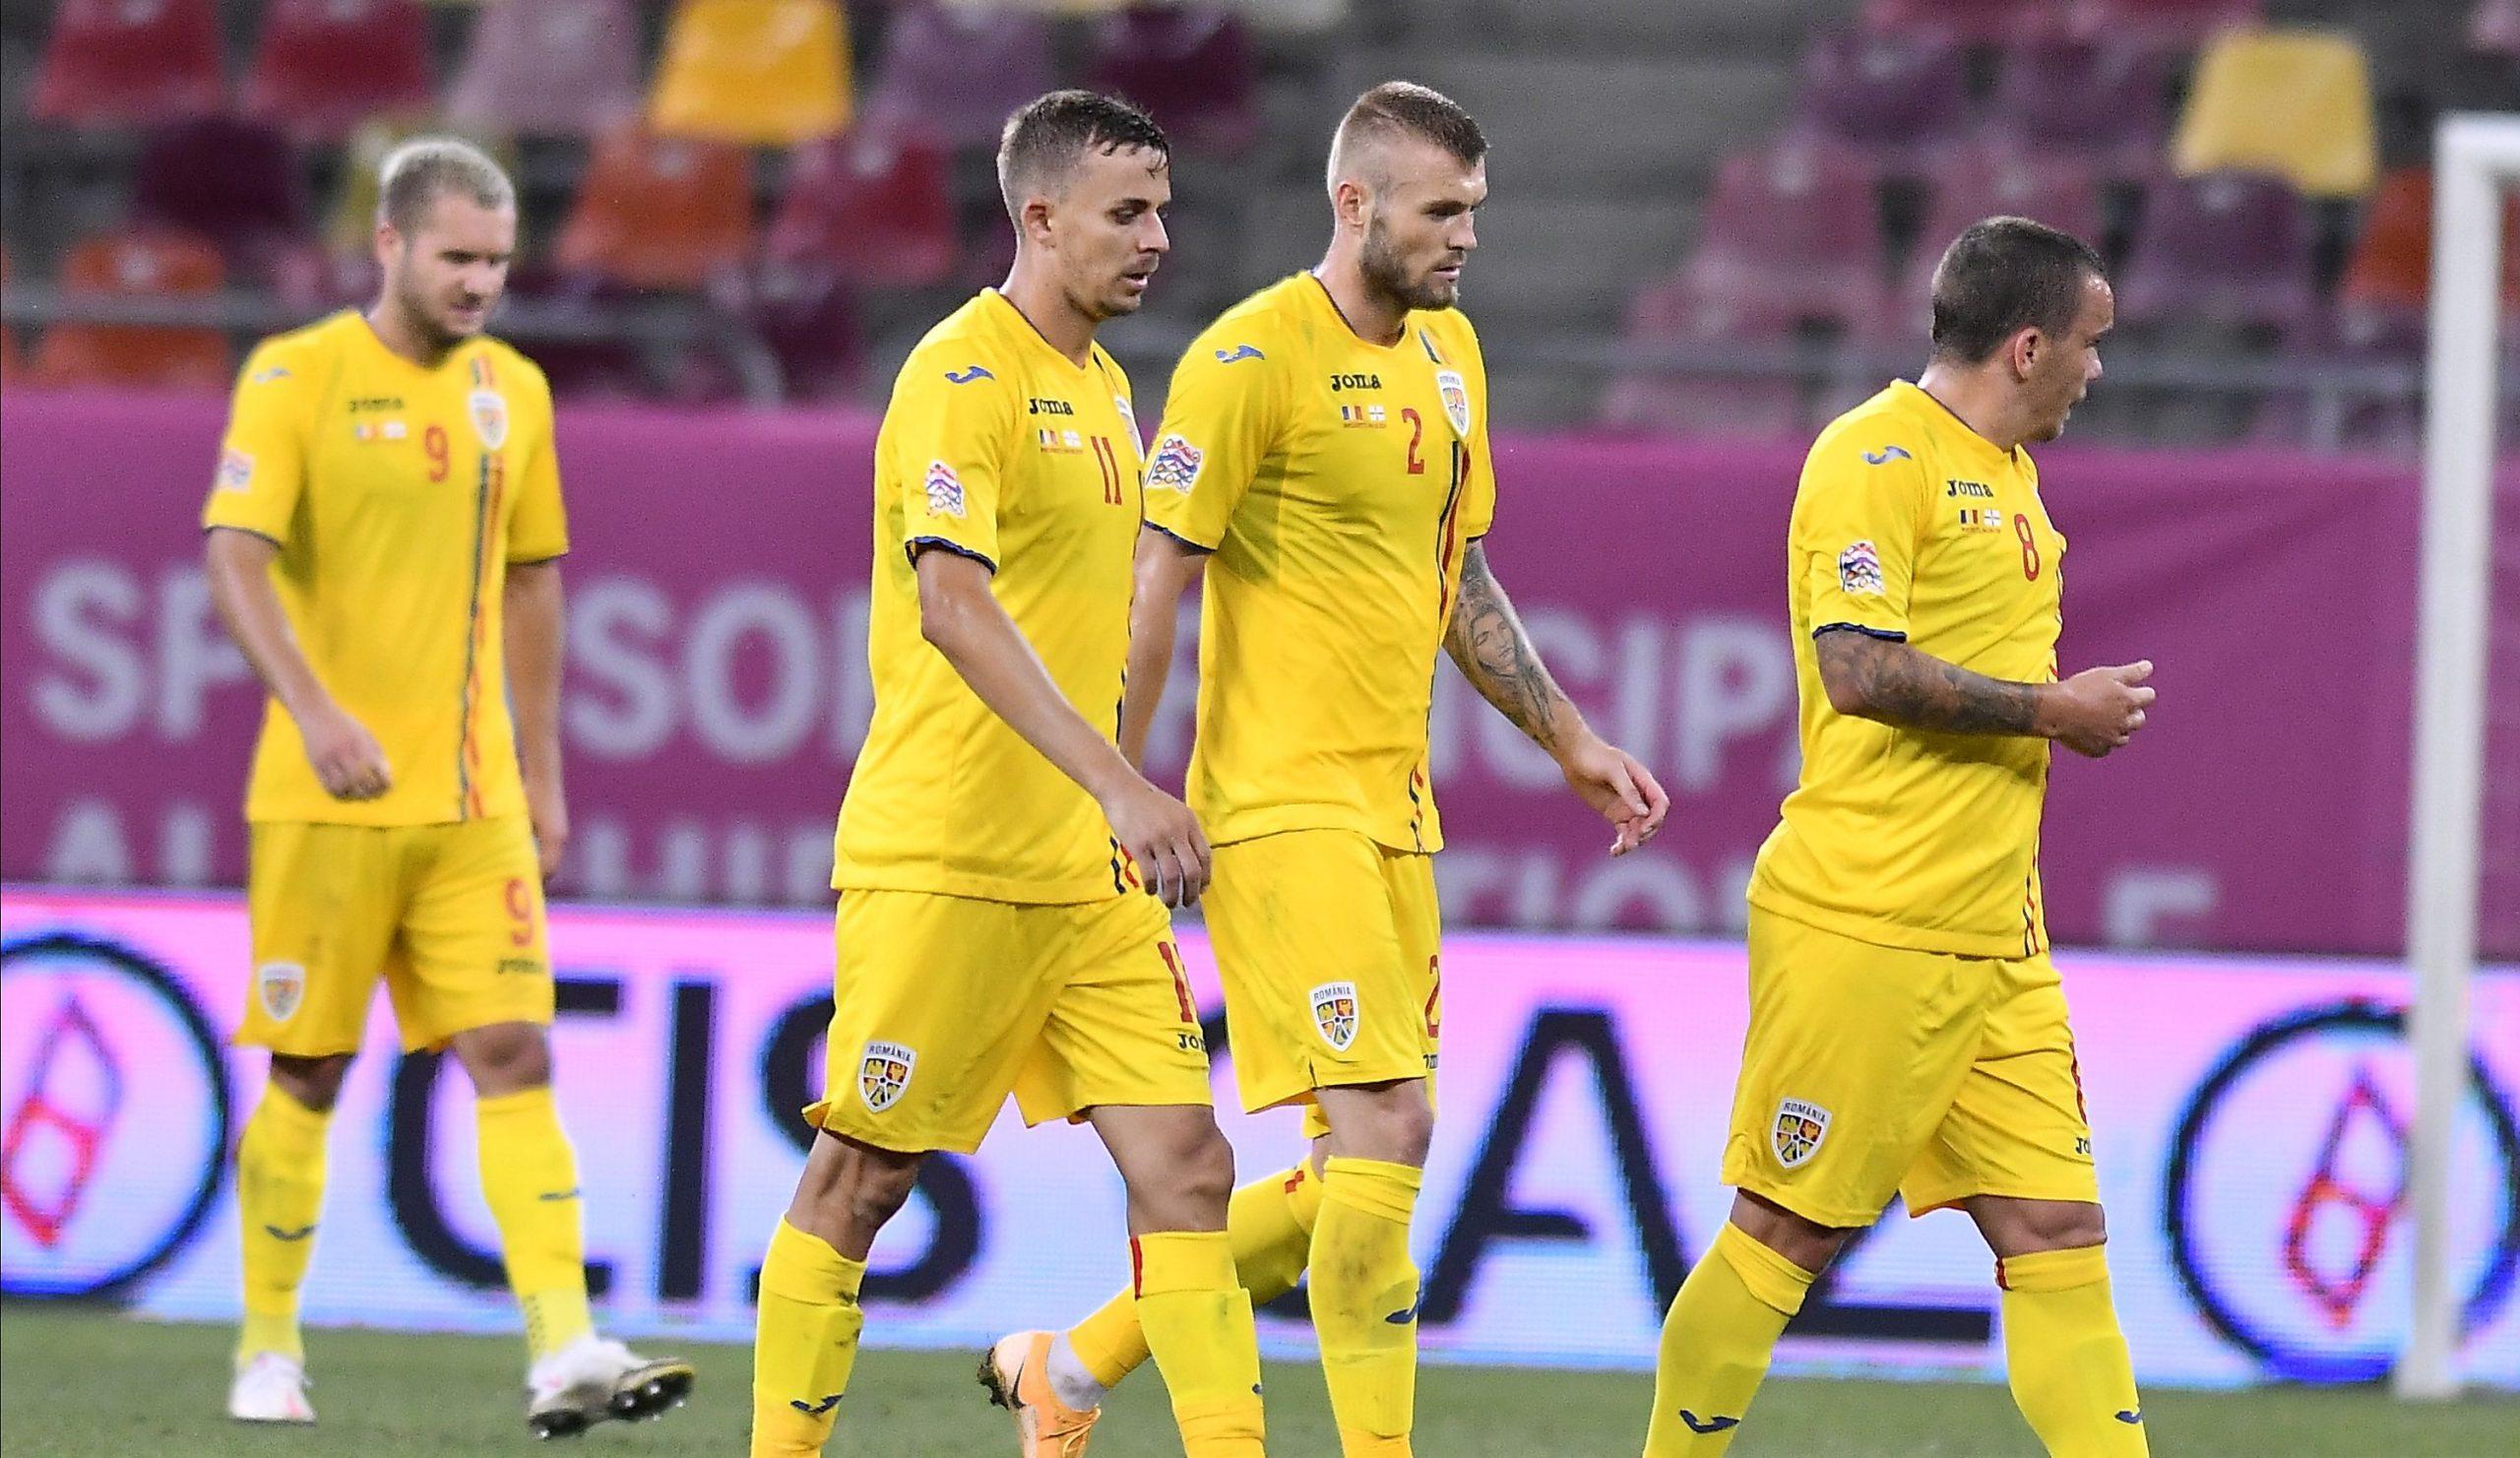 Alexandru Crețu a debutat la națională în 2020